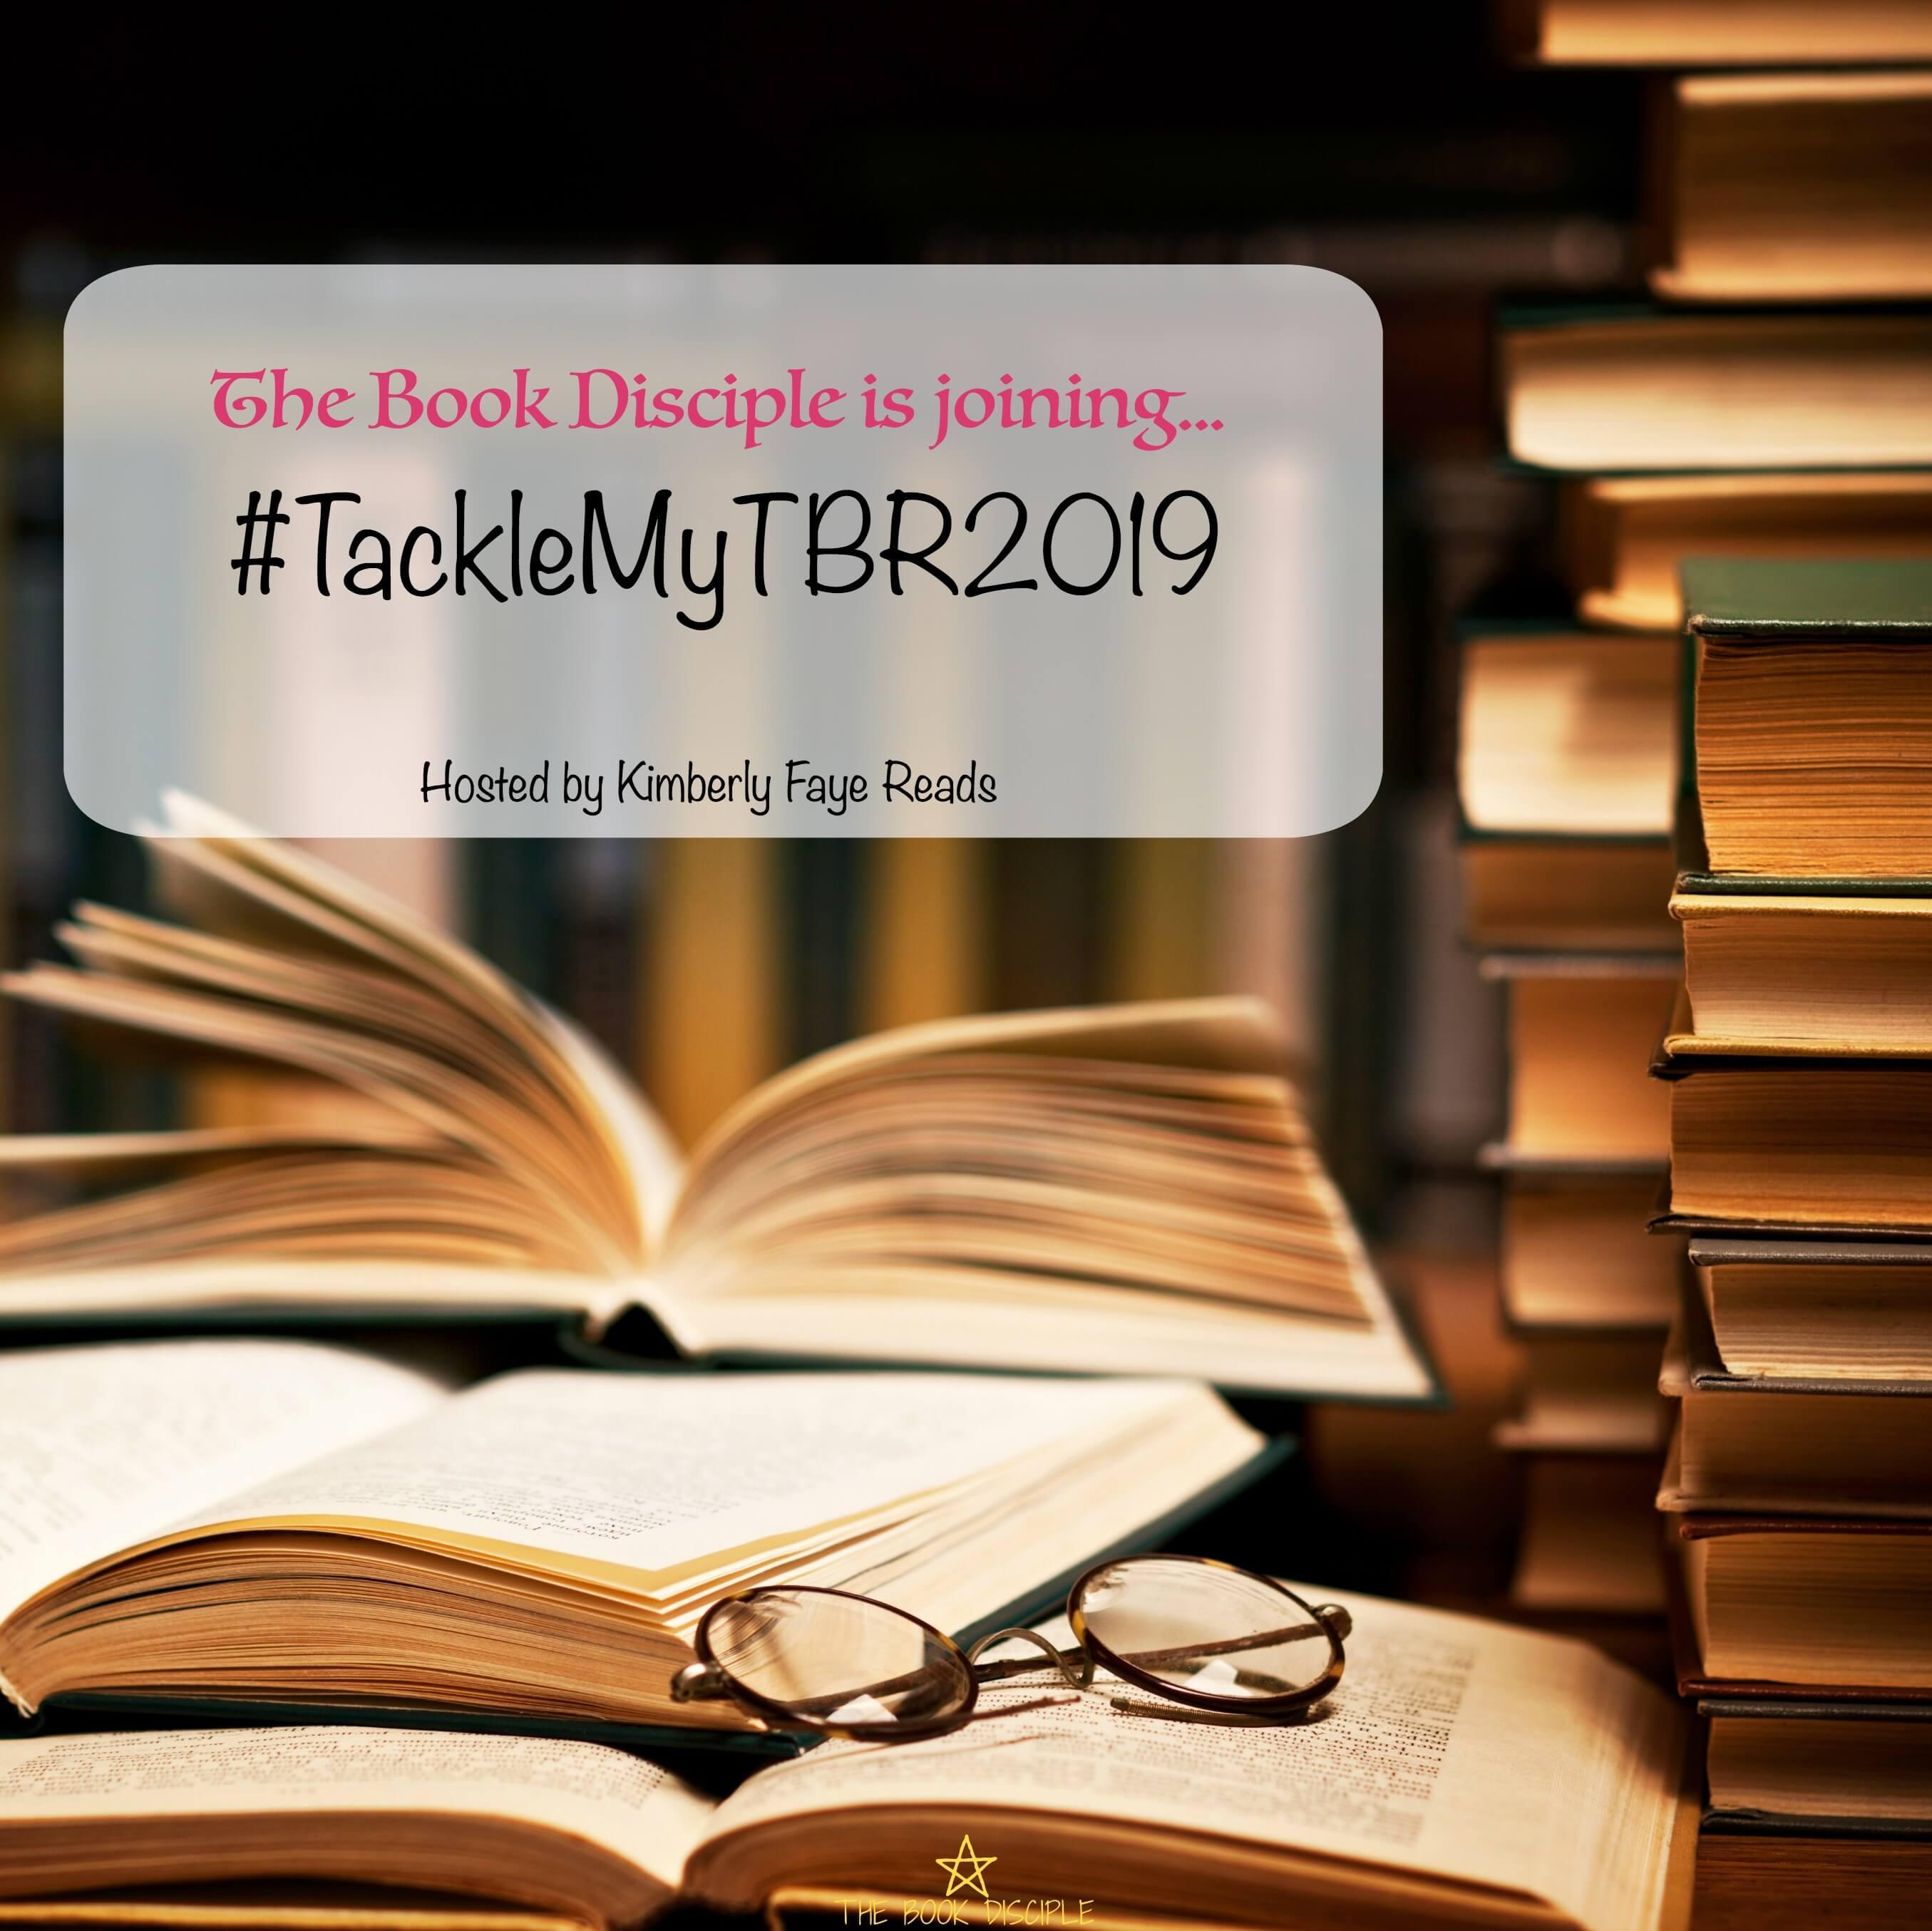 #TackleMyTBR 2019 Challenge